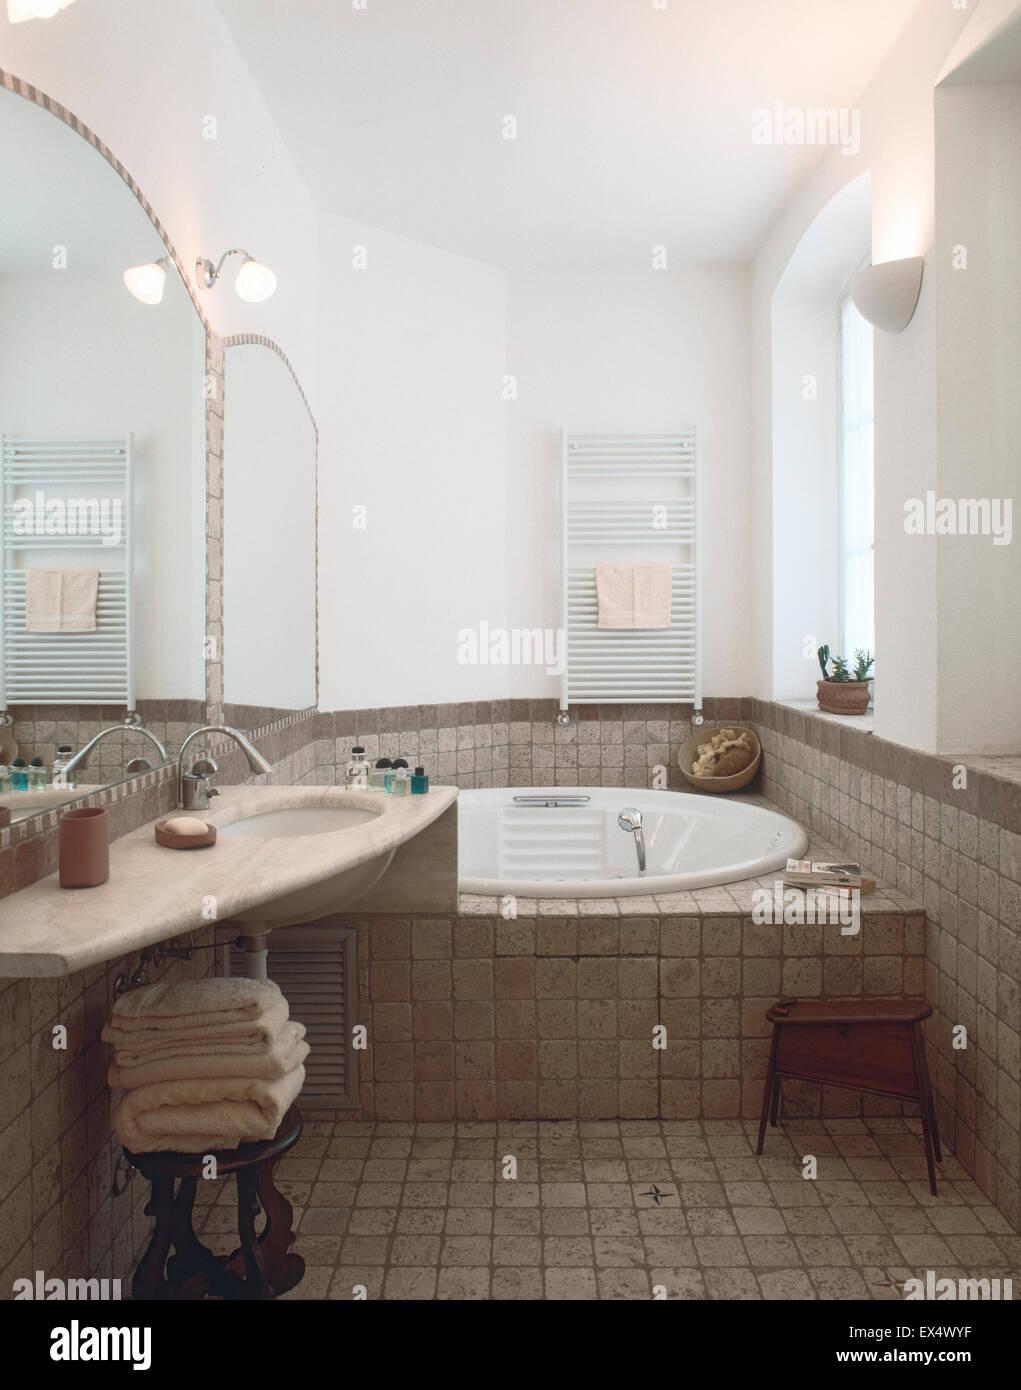 Vista interior del clásico baño con suelo de baldosas con vistas sobre la bañera Imagen De Stock